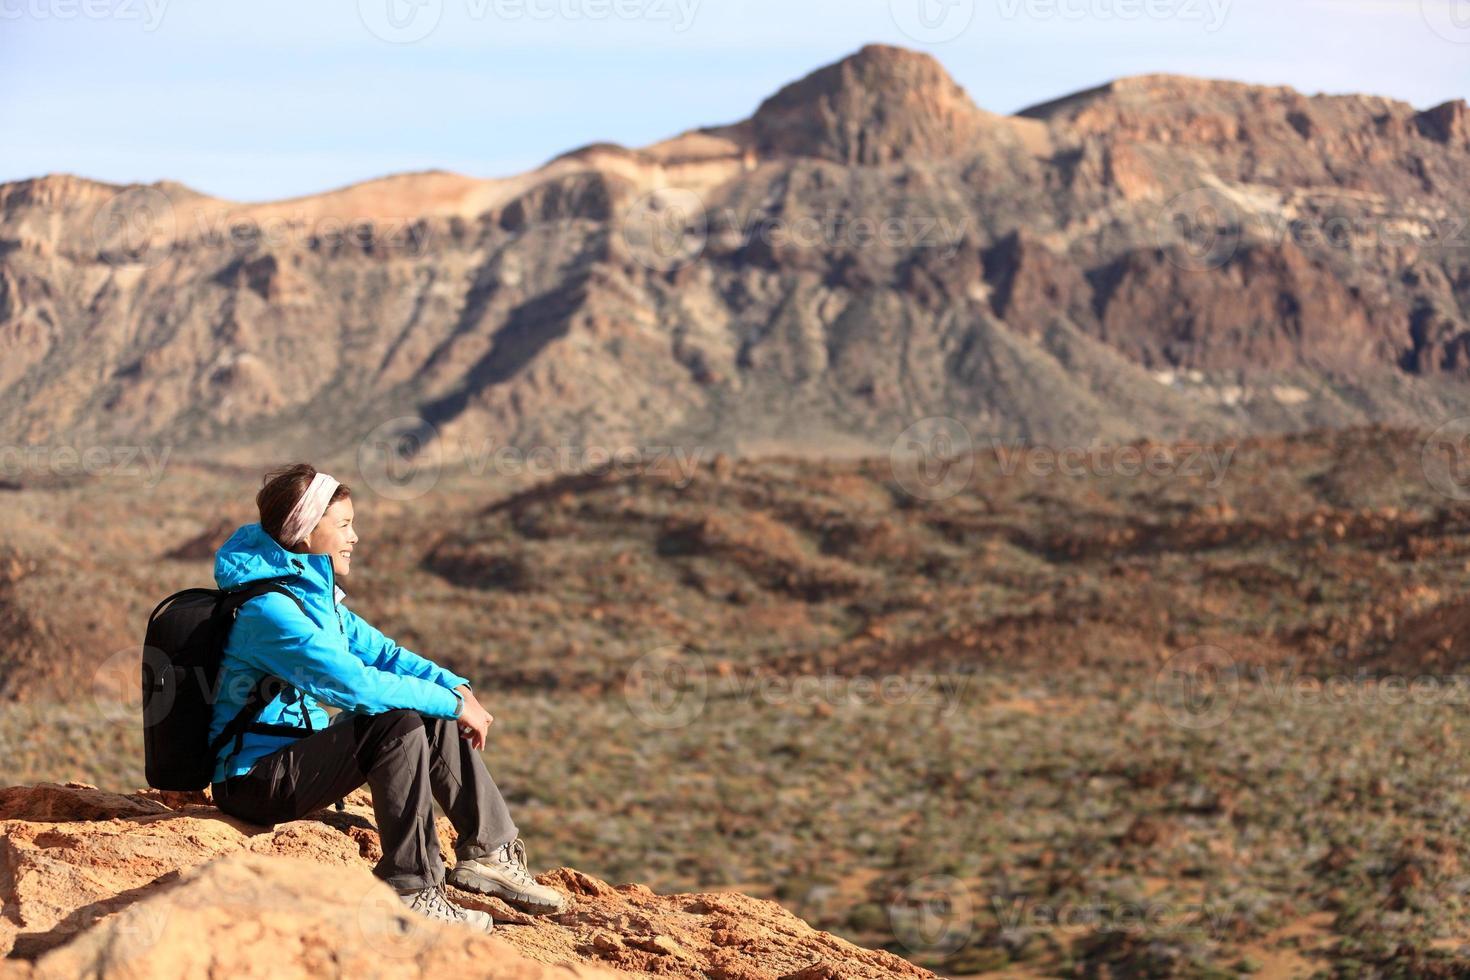 escursionismo - donna escursionista godendo la vista foto